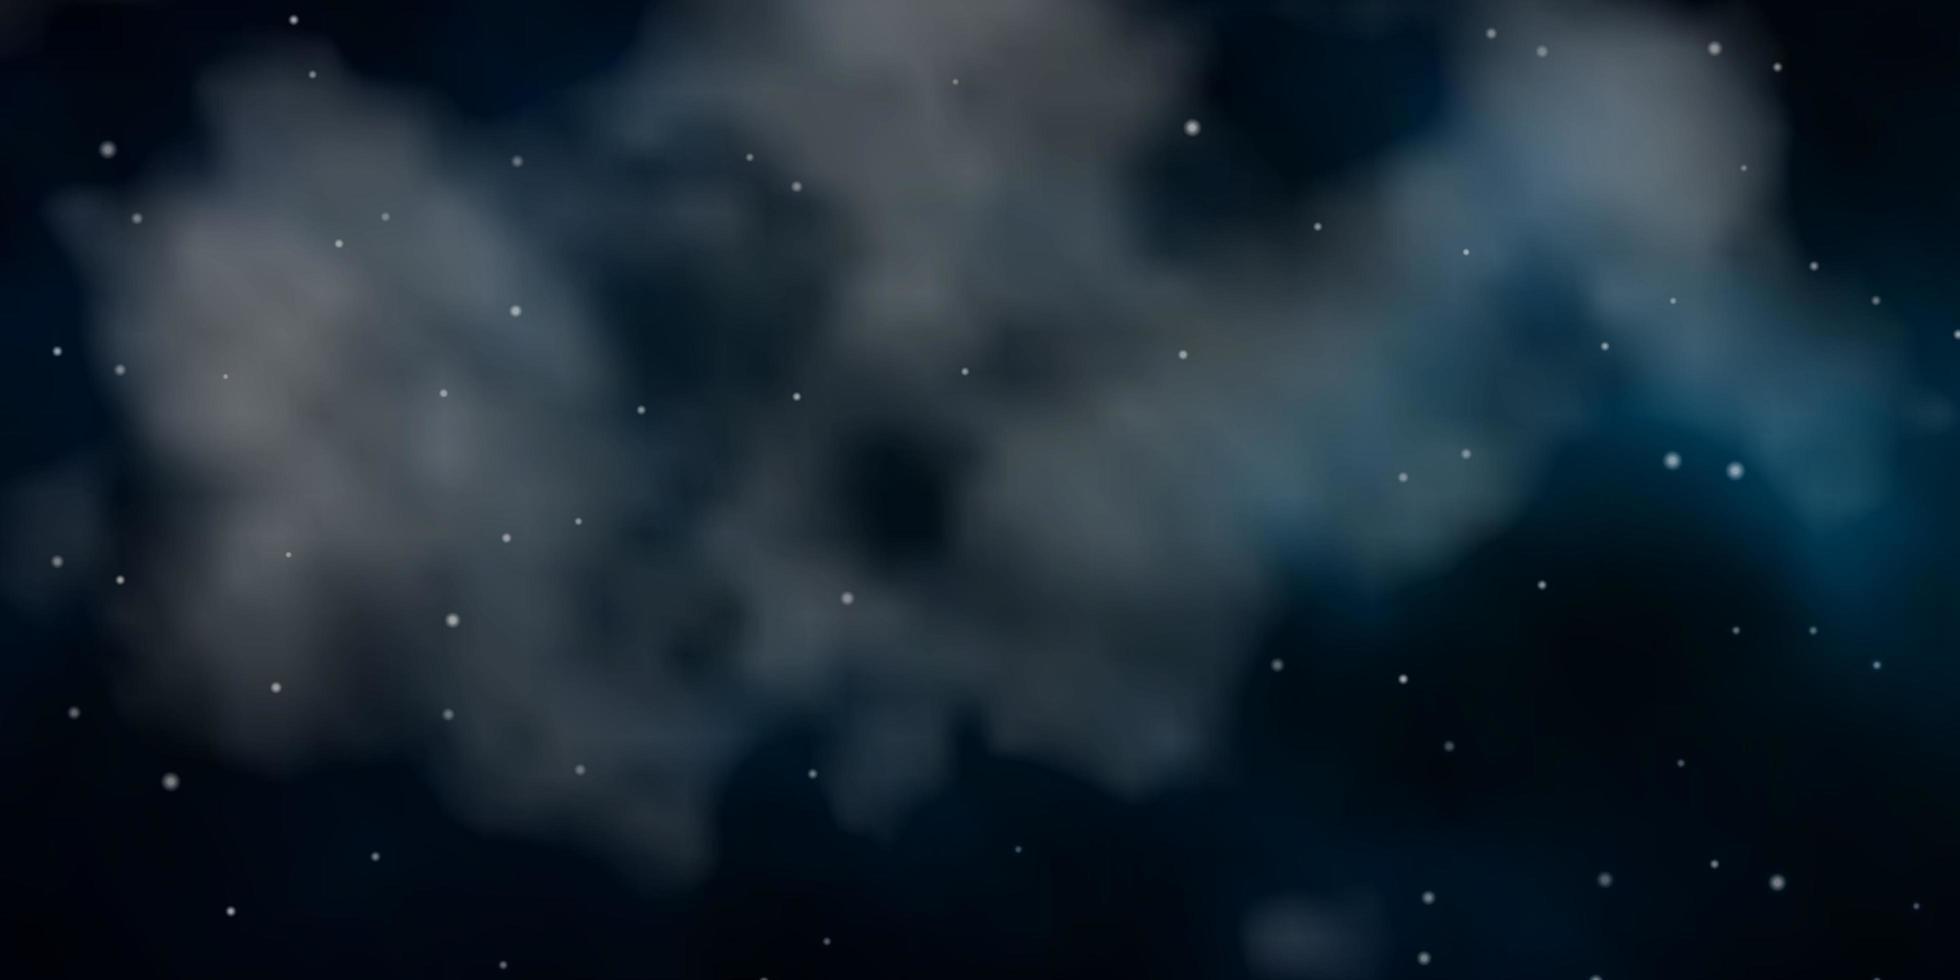 Fondo de vector verde oscuro con estrellas pequeñas y grandes.